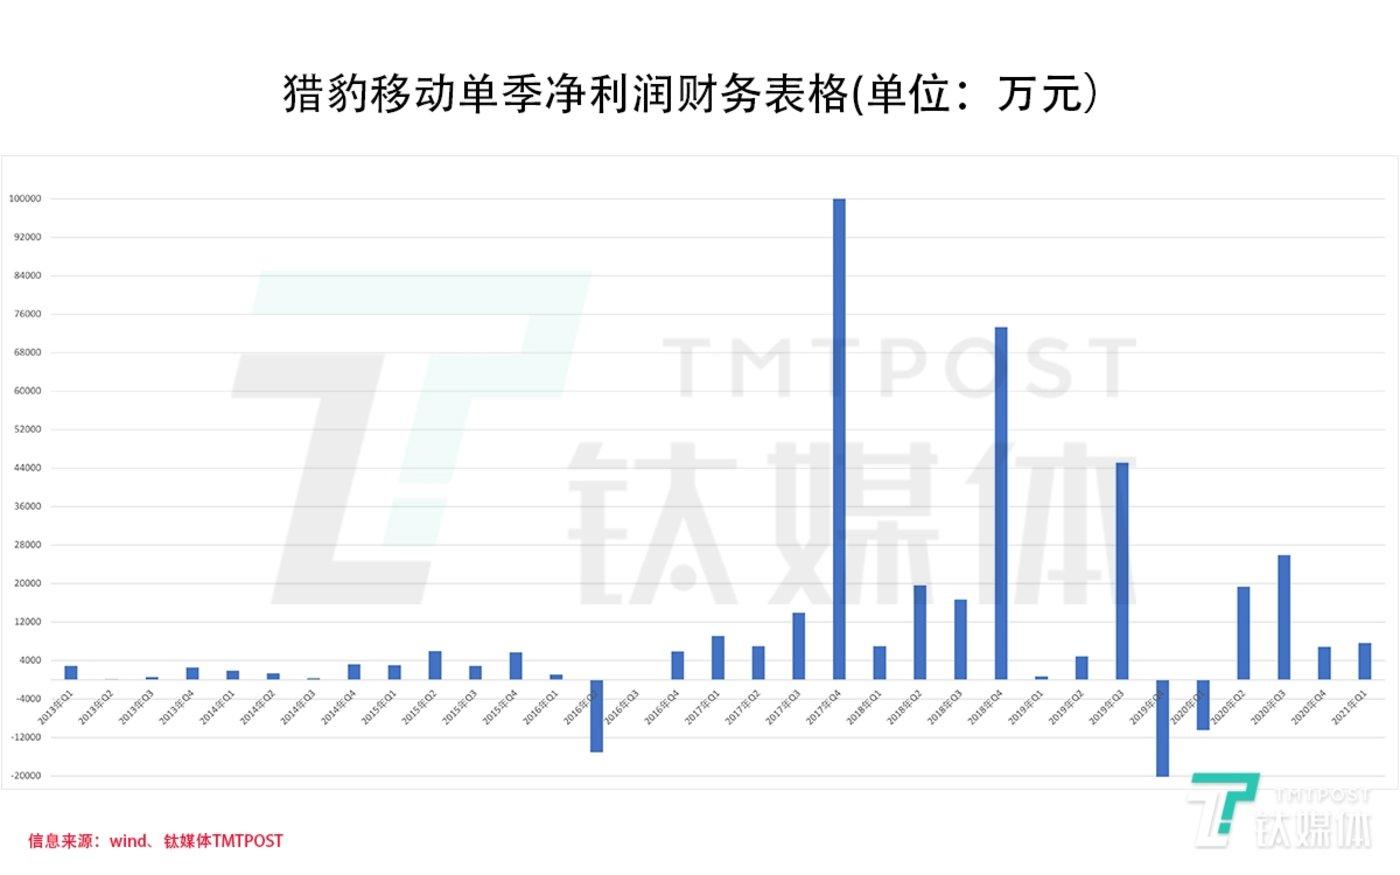 猎豹移动单季总营收财务表格(制图/林志佳)